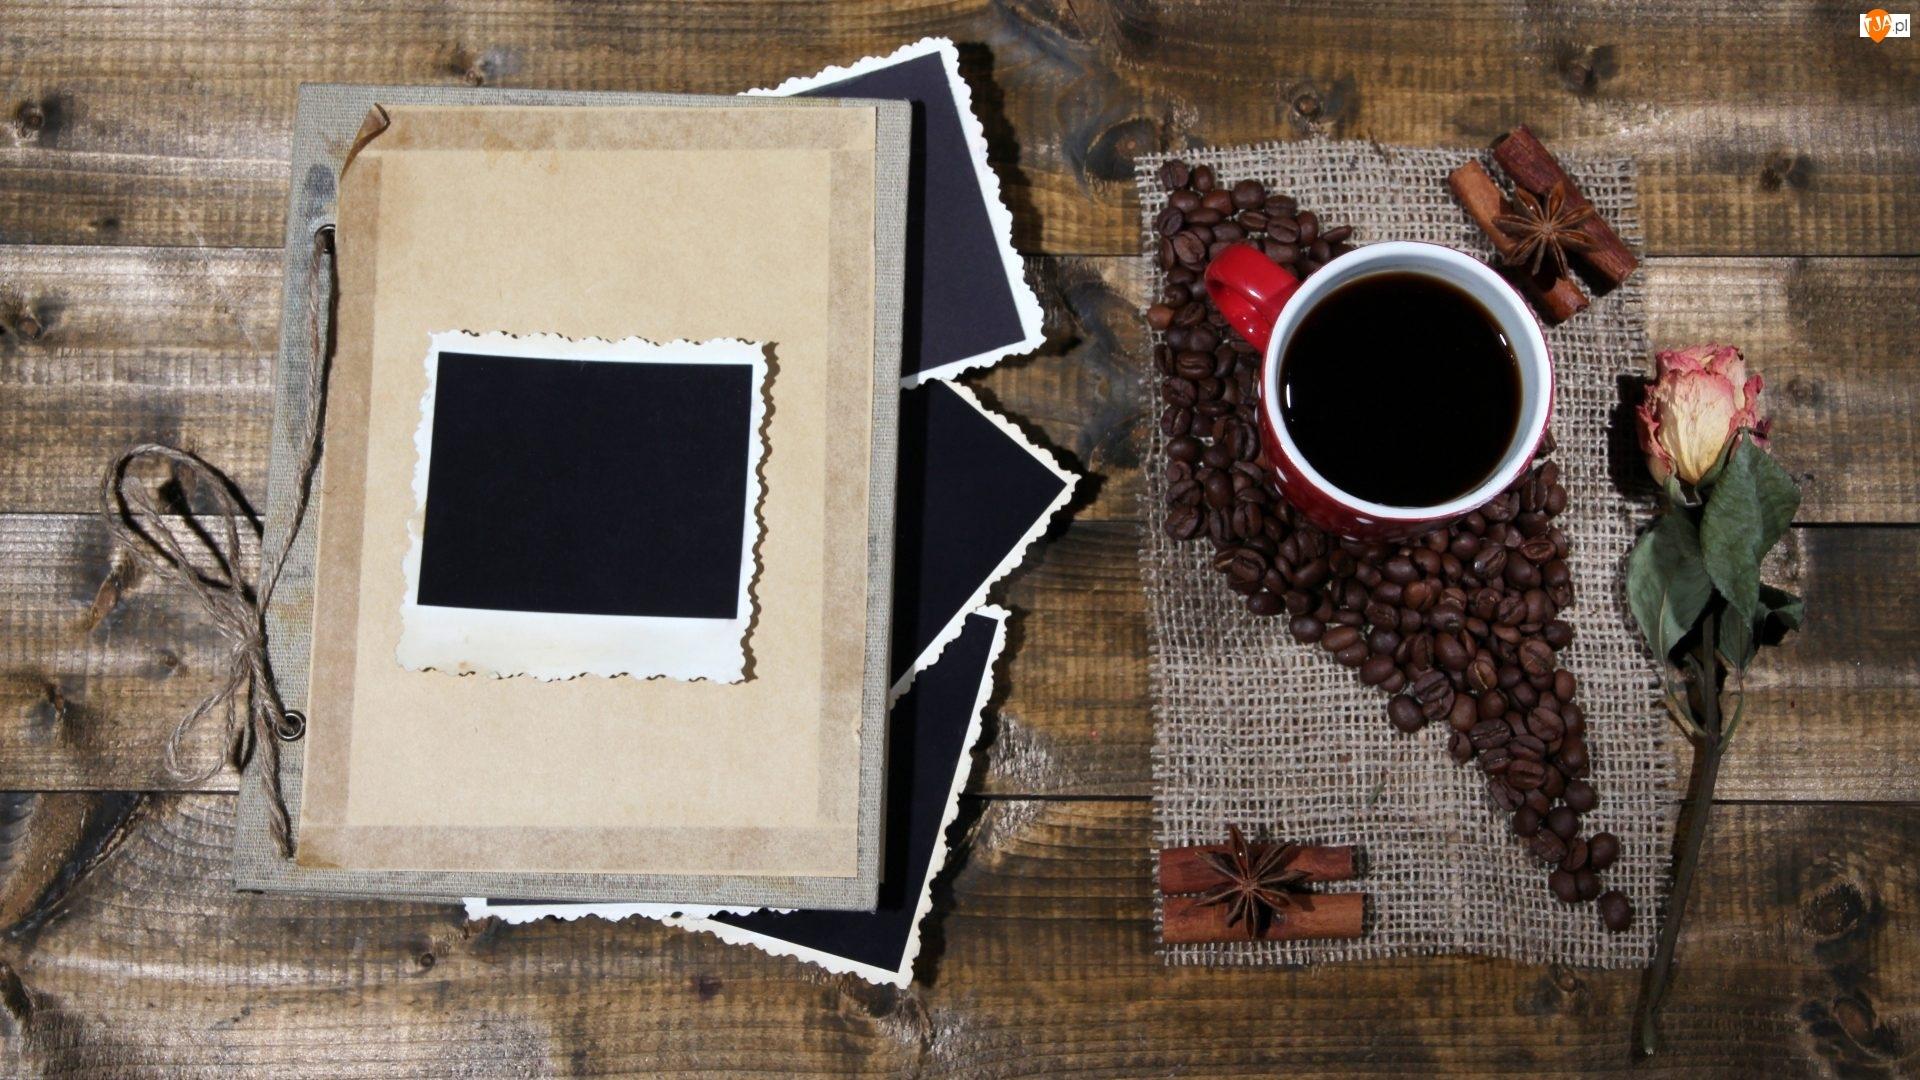 Róża, Kompozycja, Zdjęcia, Pamiętnik, Kawa